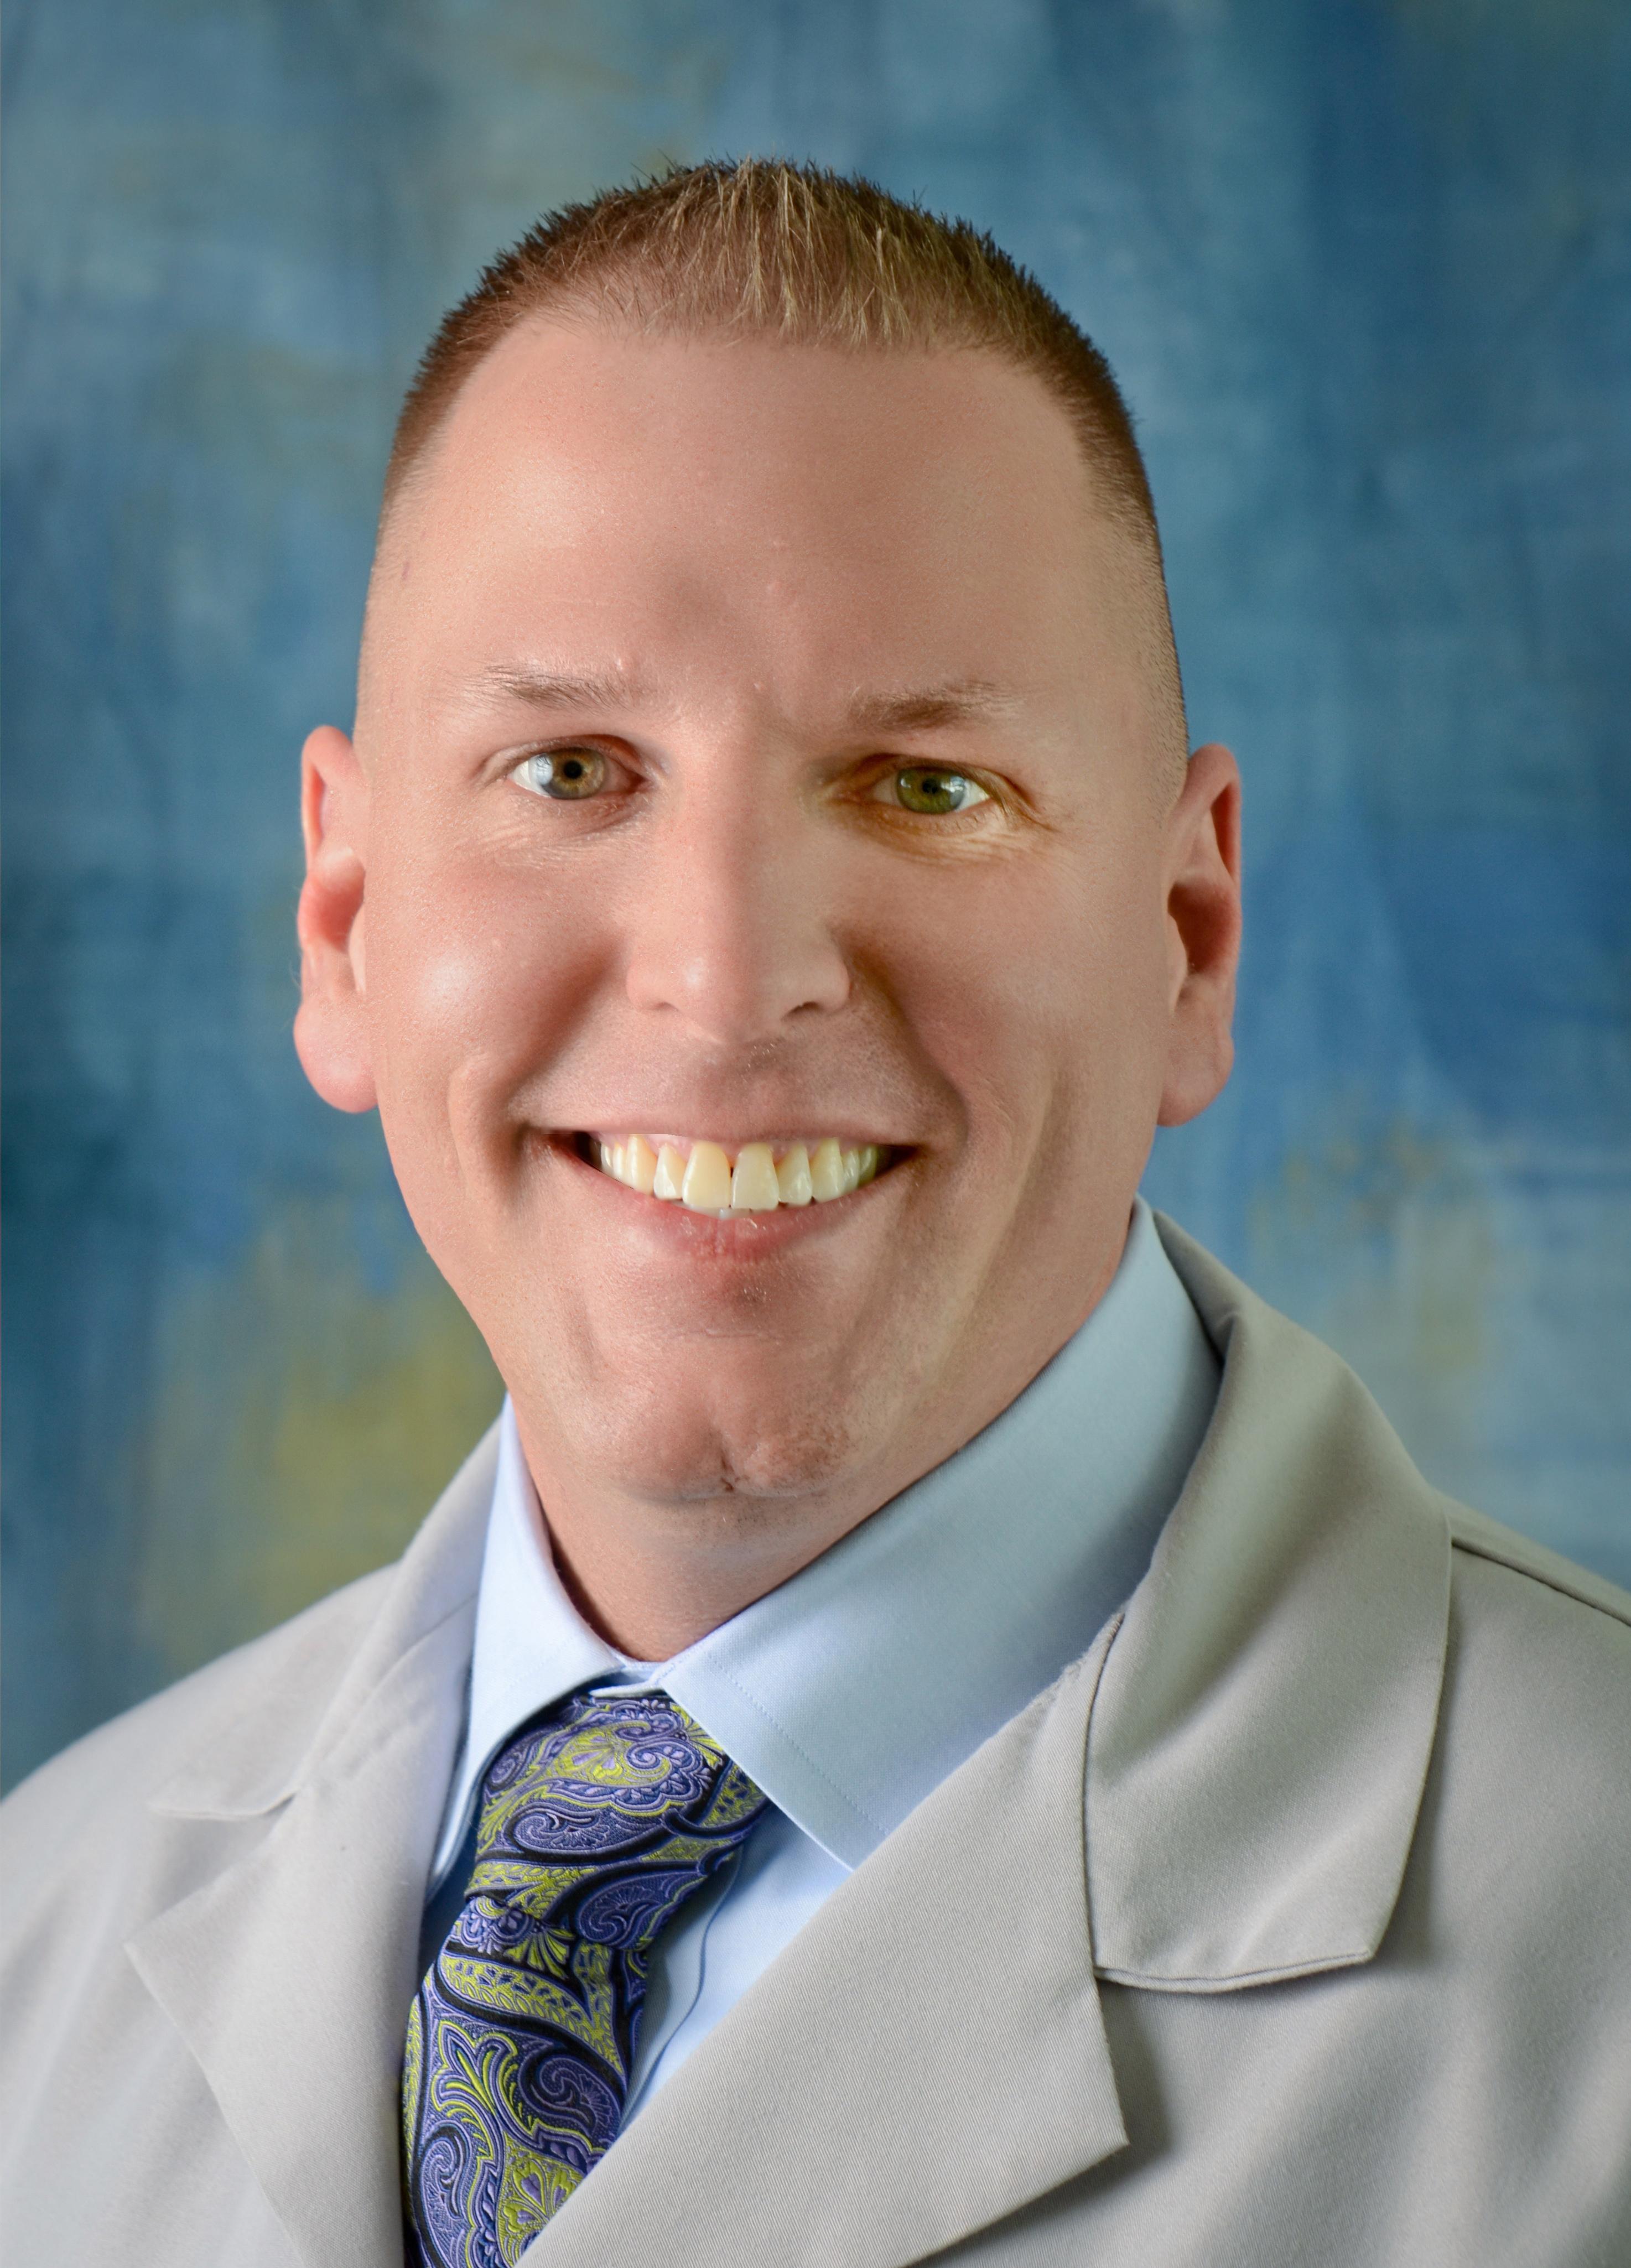 Jeffrey D. Watts, MD